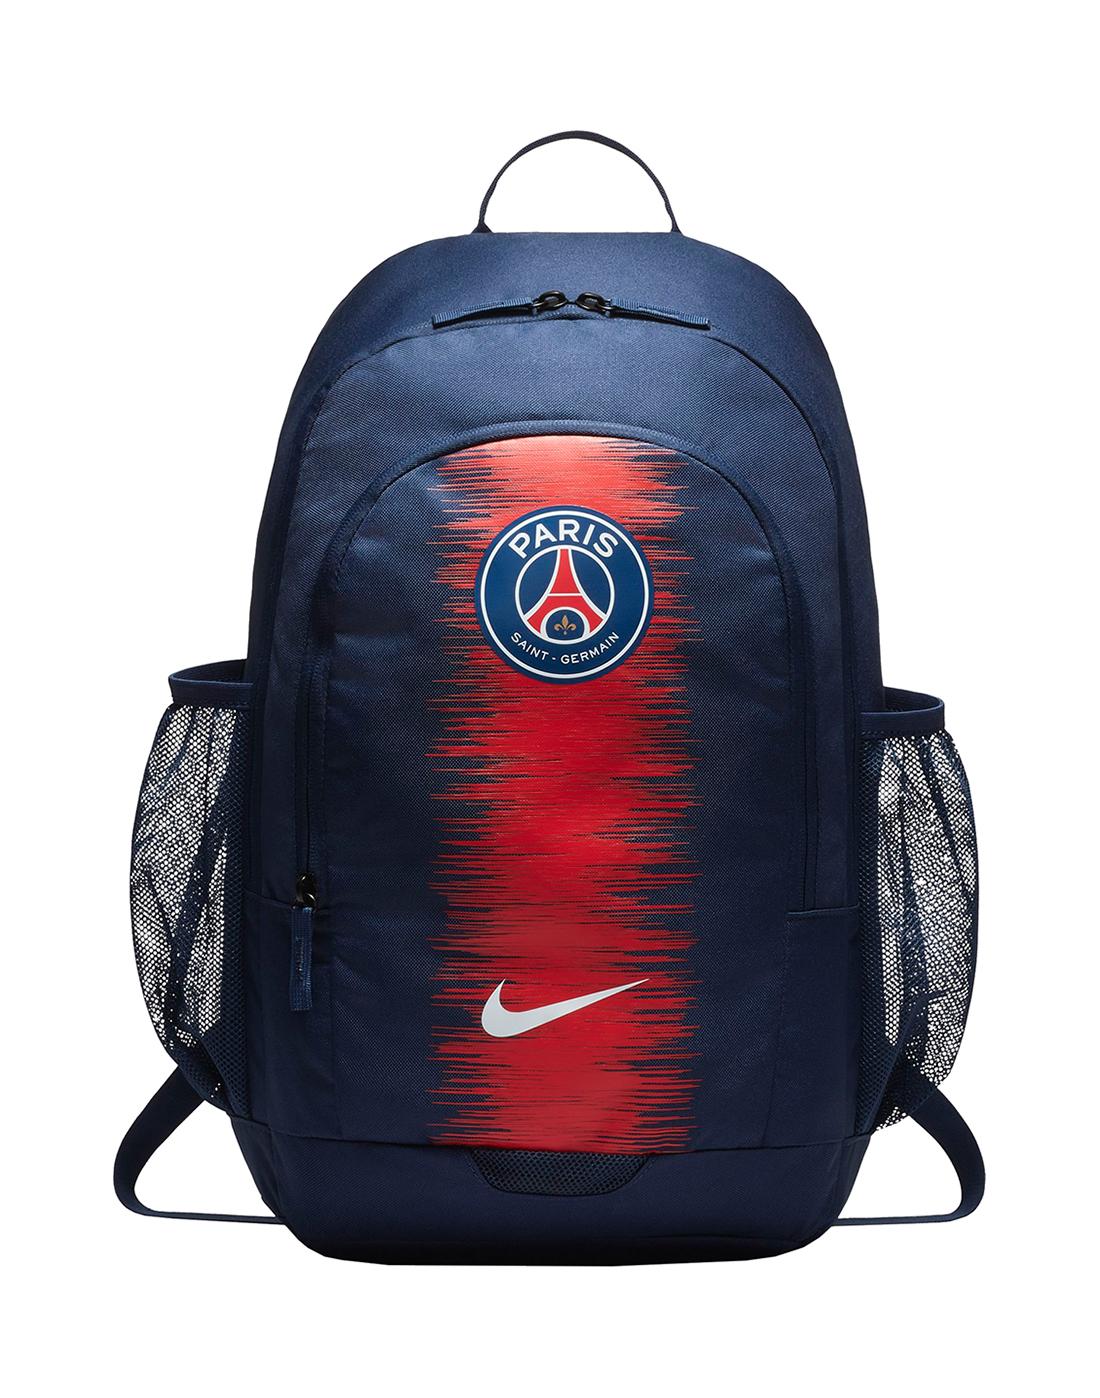 Psg Backpack ... fb41b38a9067f